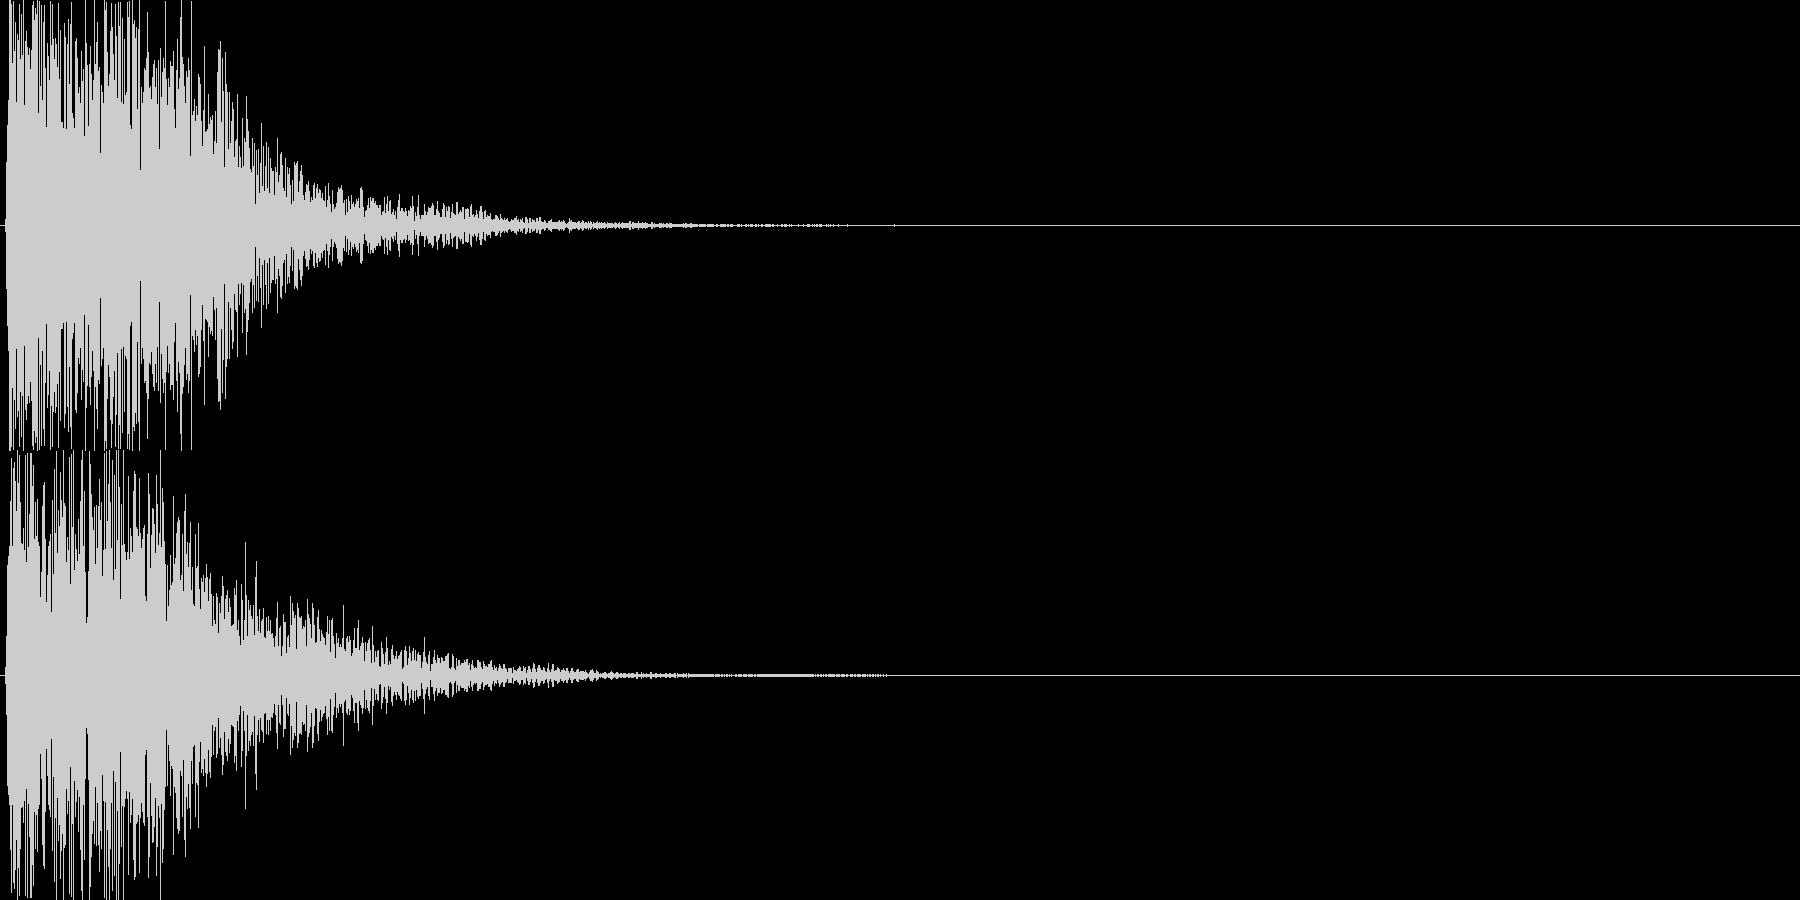 ピコ(ゲーム、アプリなどの操作音06)の未再生の波形